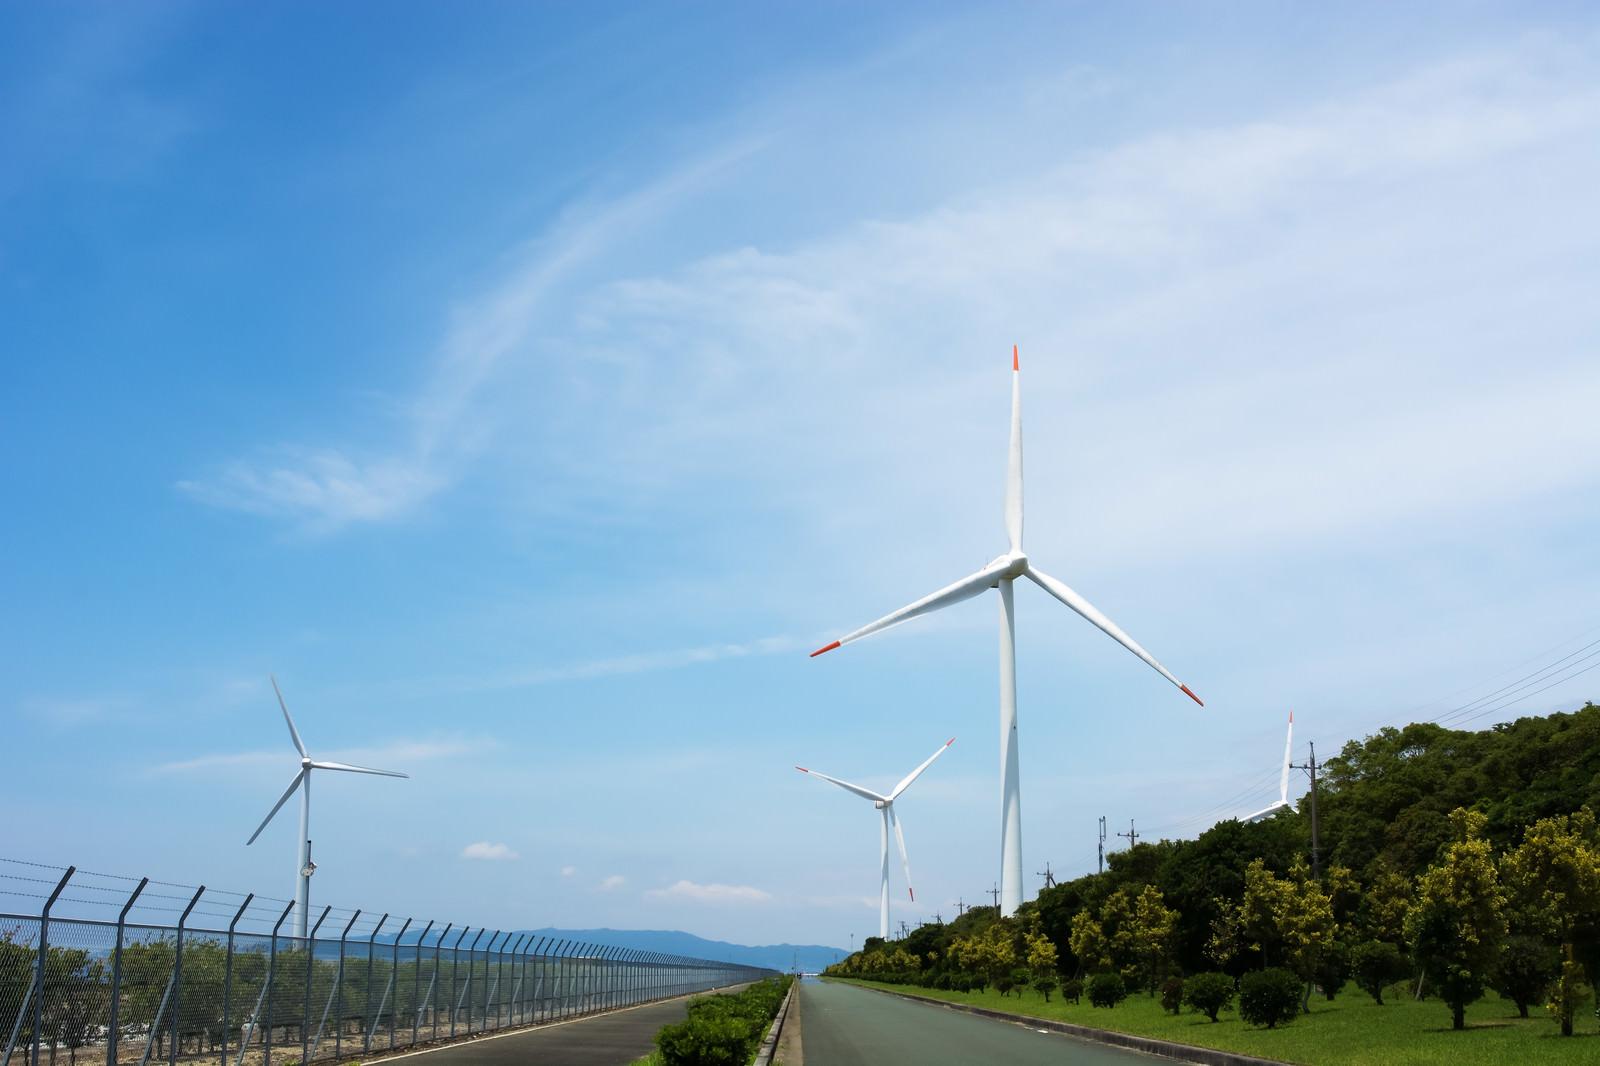 「風車群に続く道」の写真